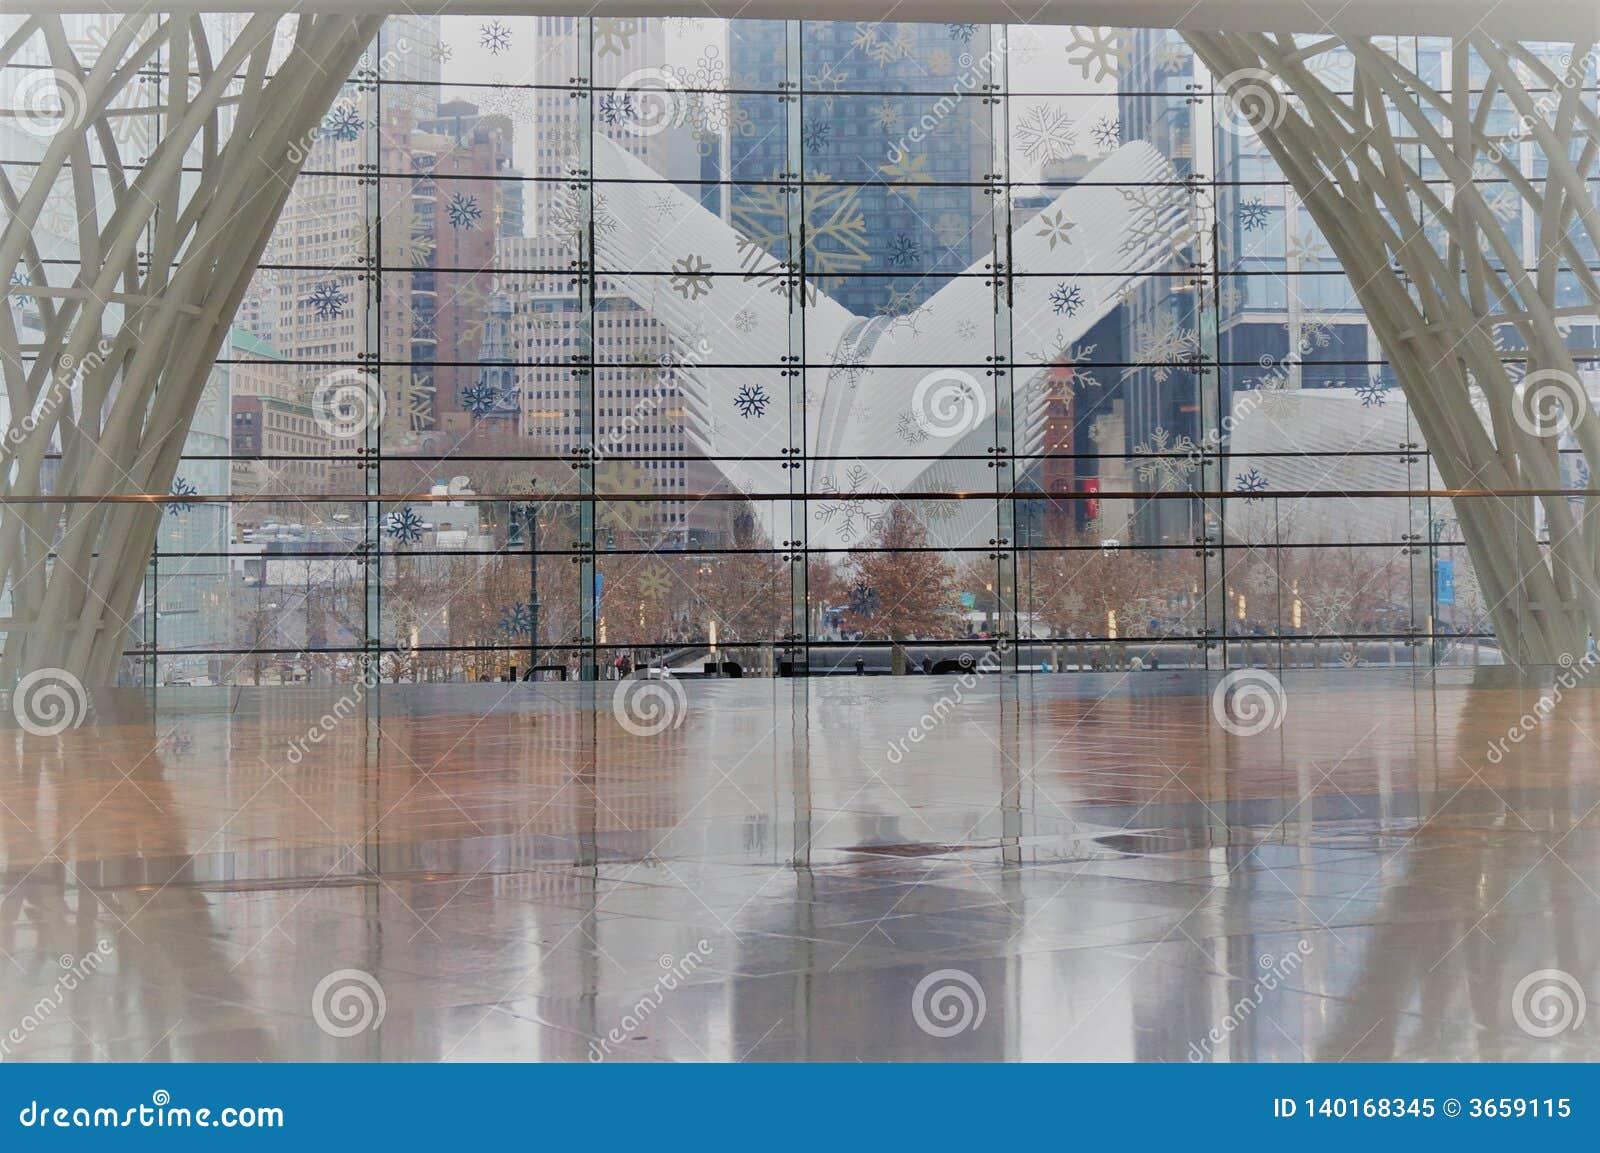 Нью-Йорк, Нью-Йорк/США - 02 19 2018: Экстерьер эпицентра деятельности транспорта станции WTC всемирного торгового центра